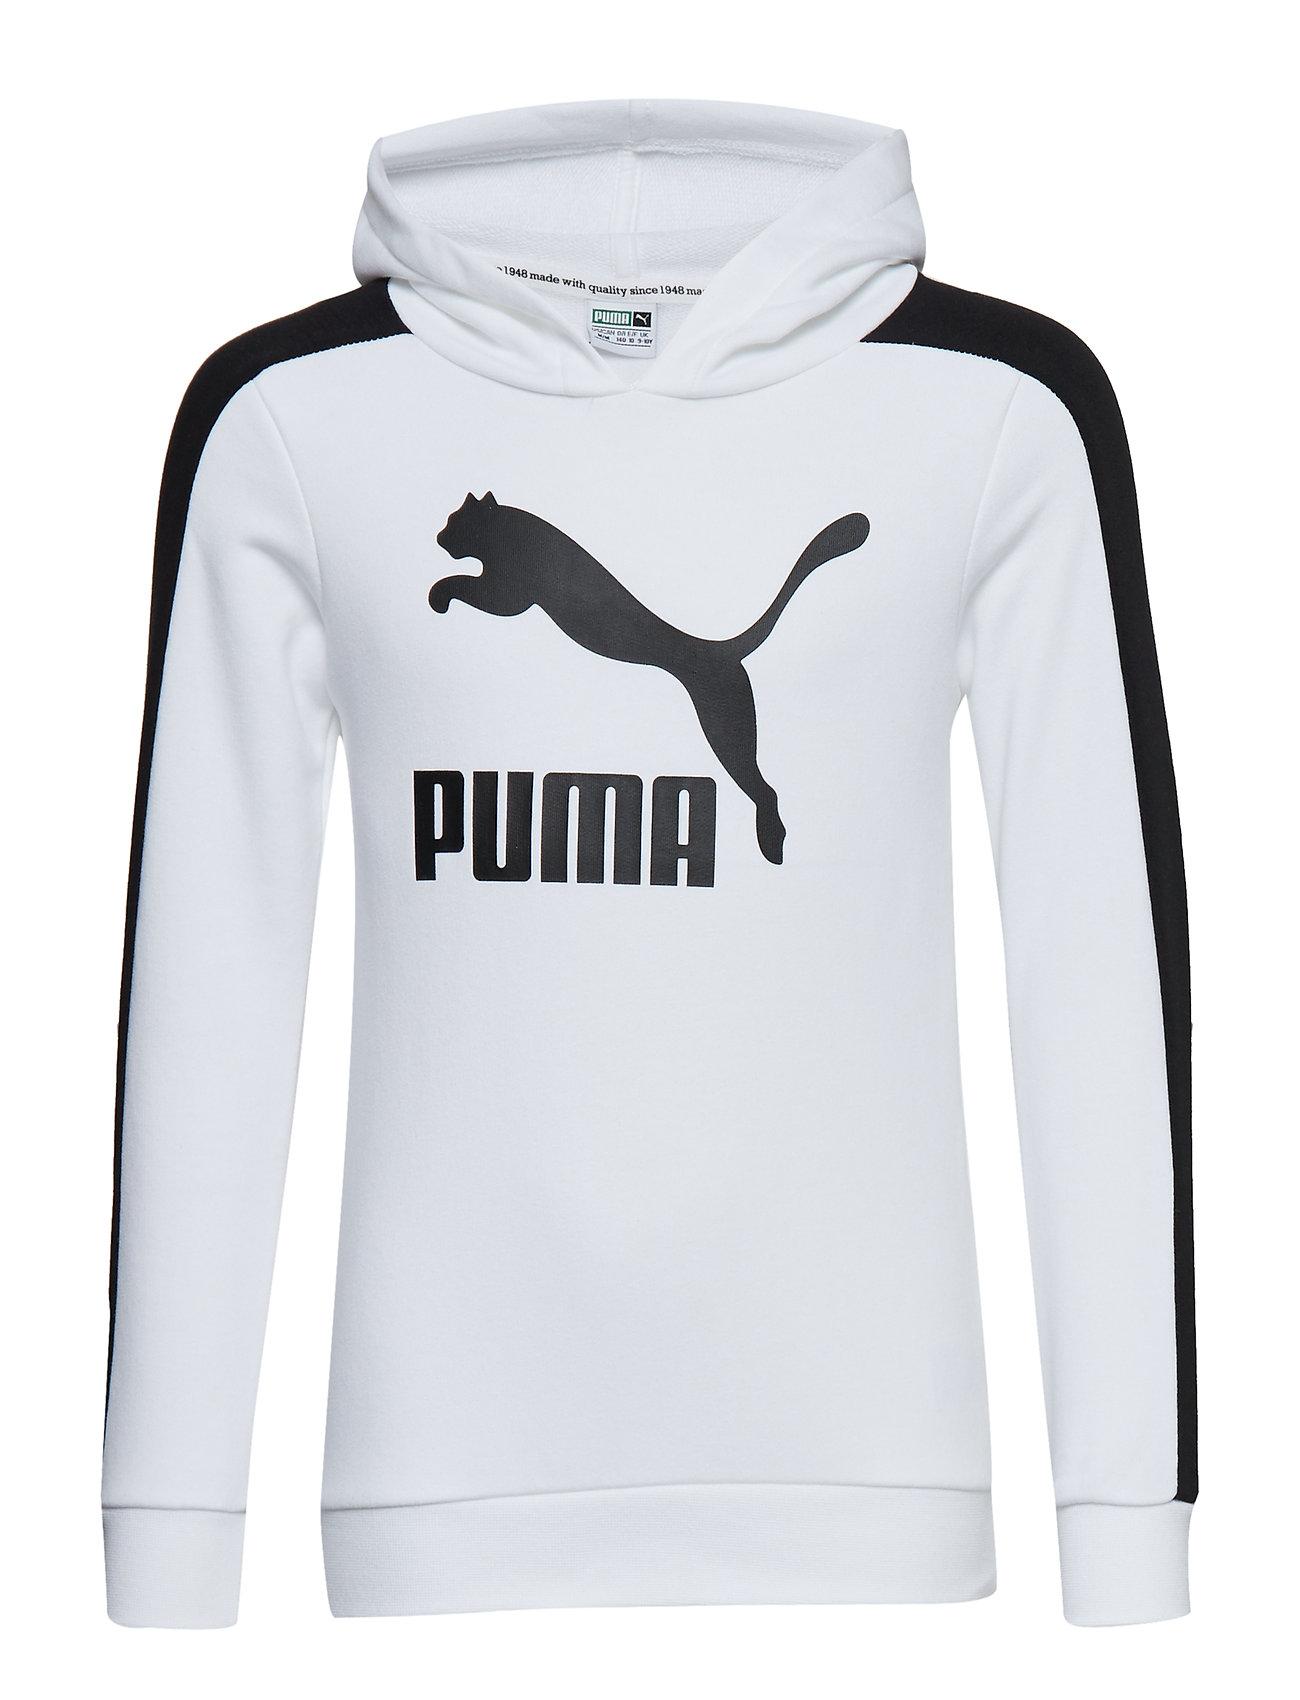 9a9a6ccb219 Classics T7 Hoody G hoodies fra PUMA til børn i PALE PINK - Pashion.dk